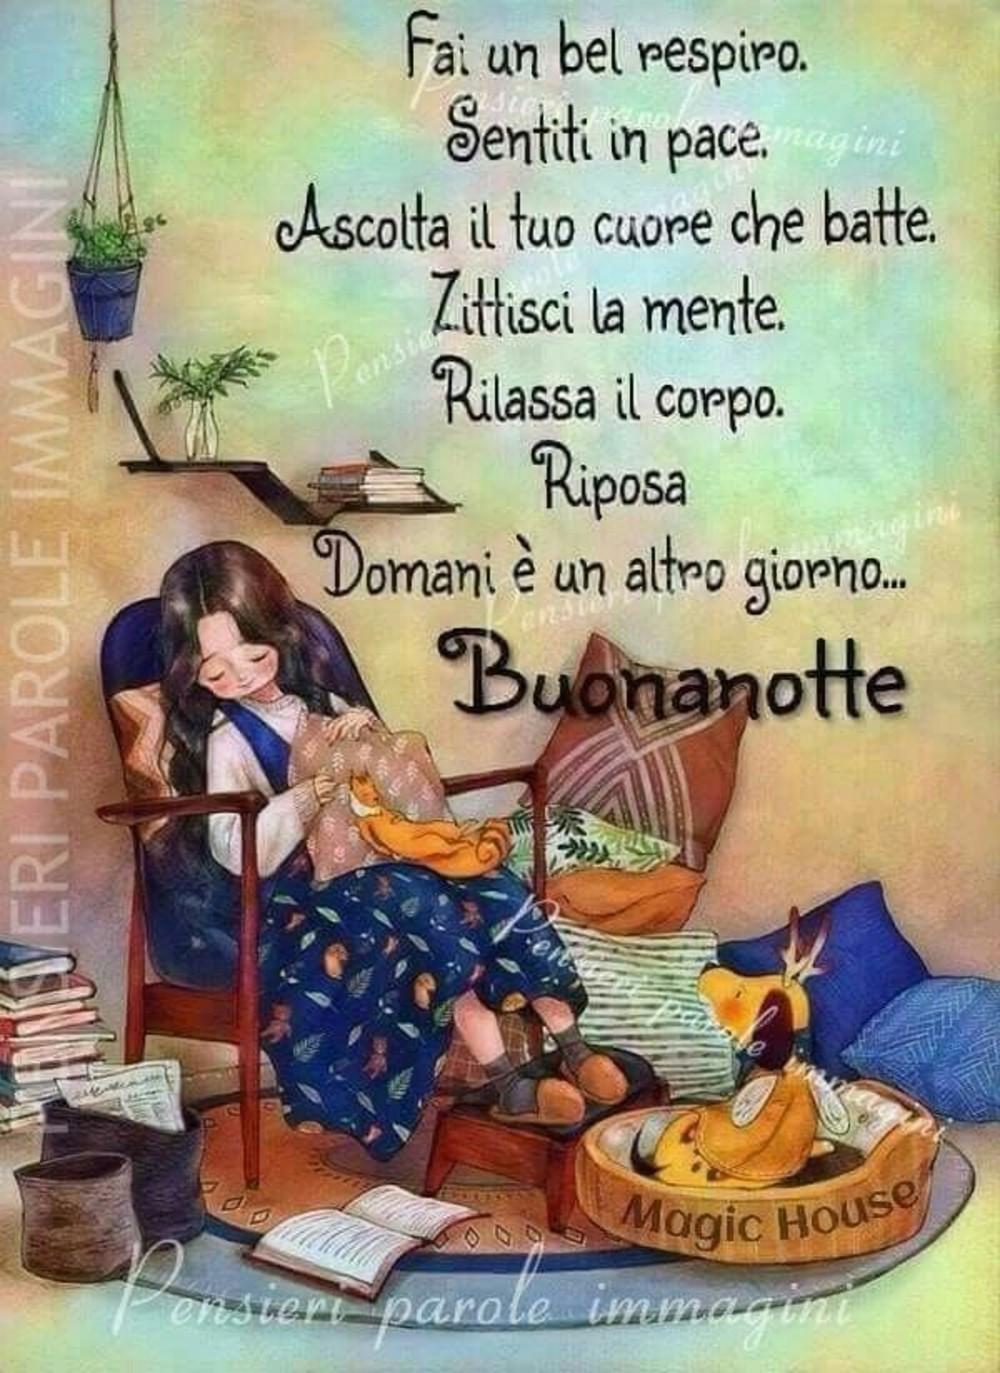 Immagini Buonanotte Belle Gratis Per Whatsapp 10